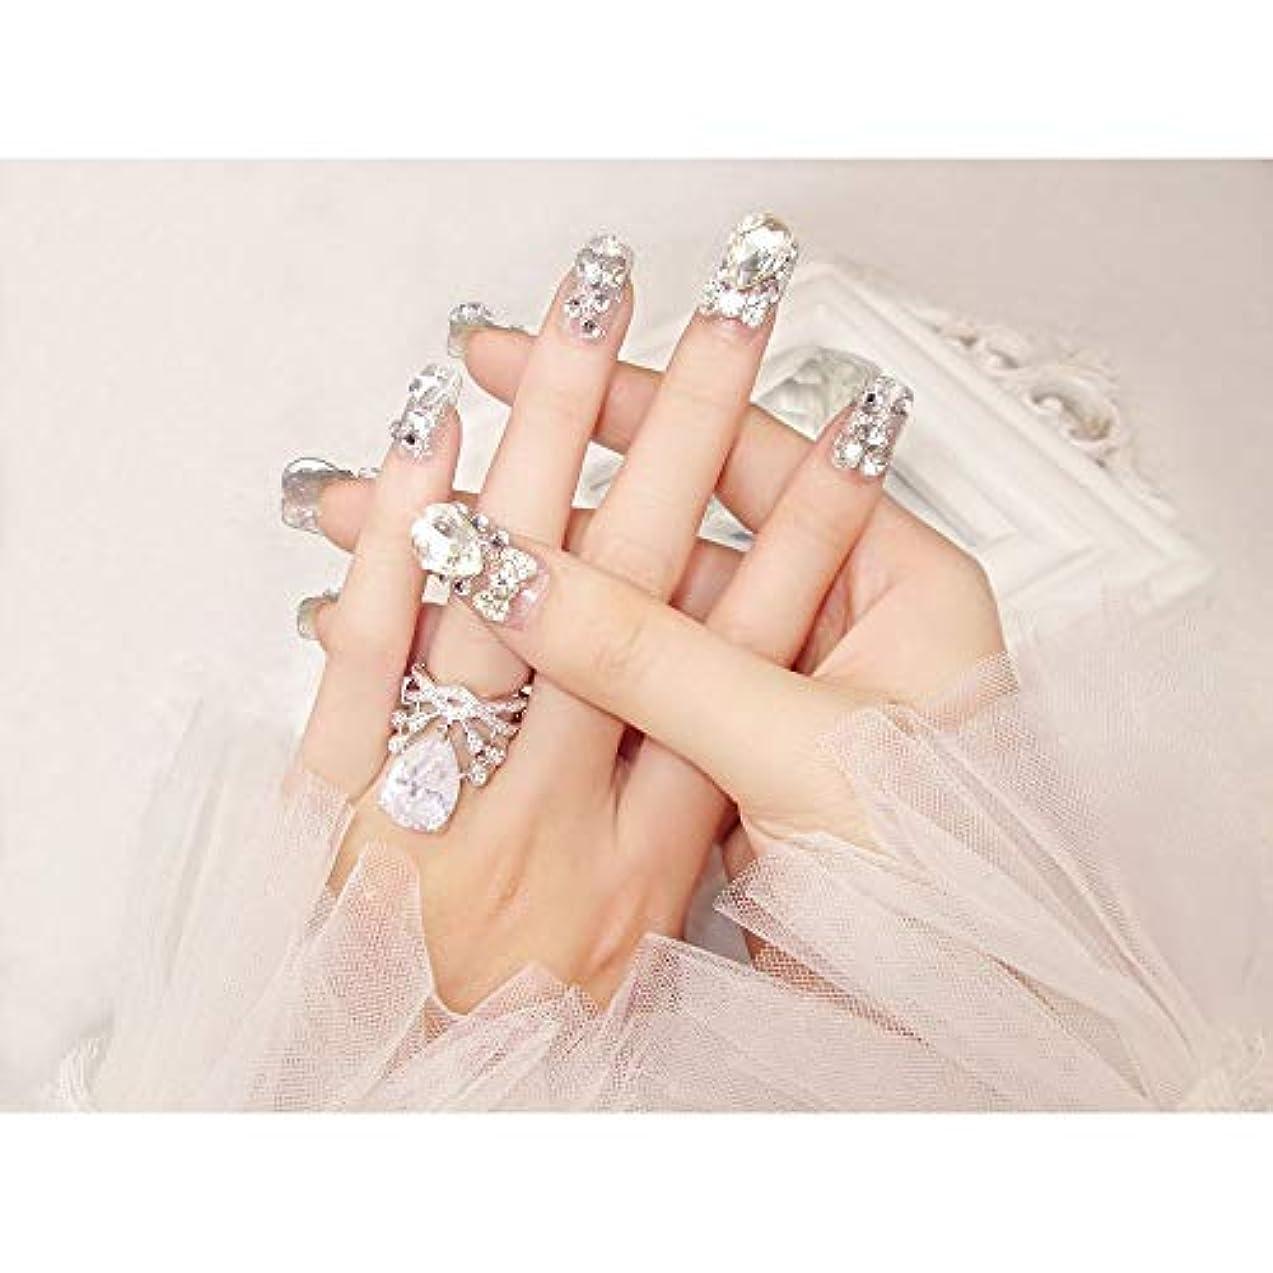 アナロジー留まるリスキーなLVUITTON 完成した偽の釘24ピース箱入り花嫁シャイニー偽の爪の宝石ダイヤモンドの宝石ブライダルネイルステッカー (色 : 24 pieces)